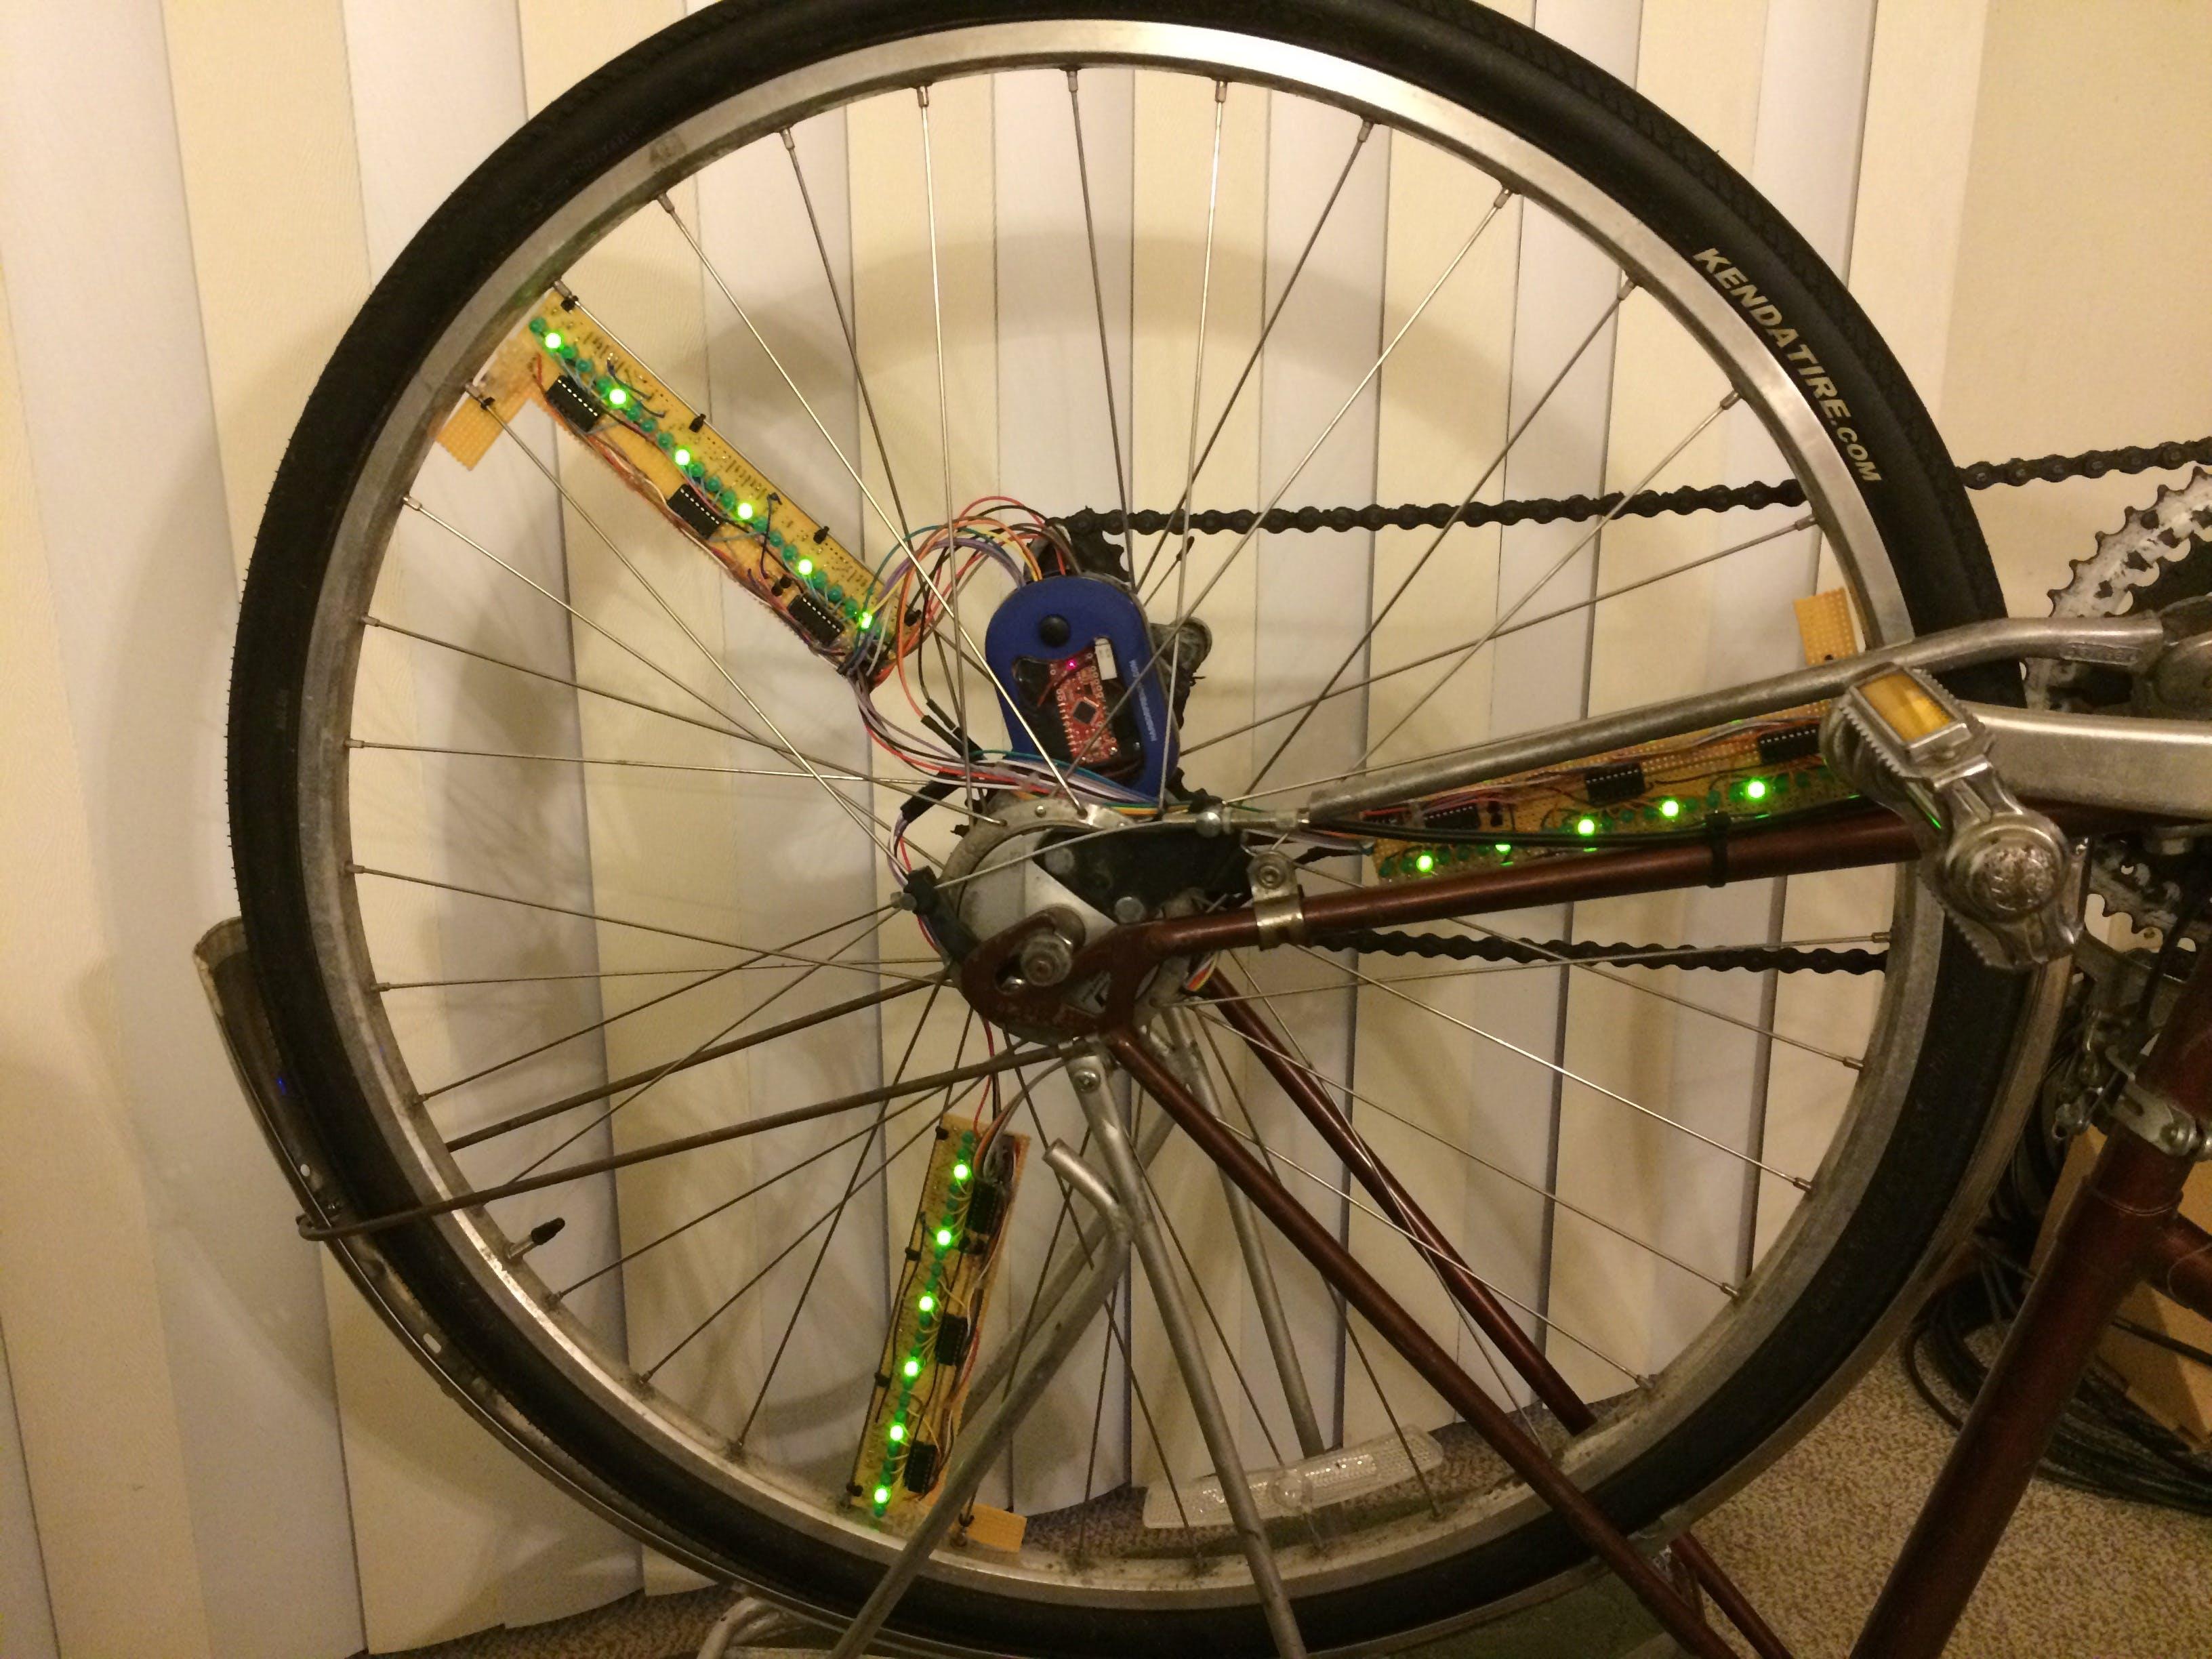 Badger POV Bike Wheel